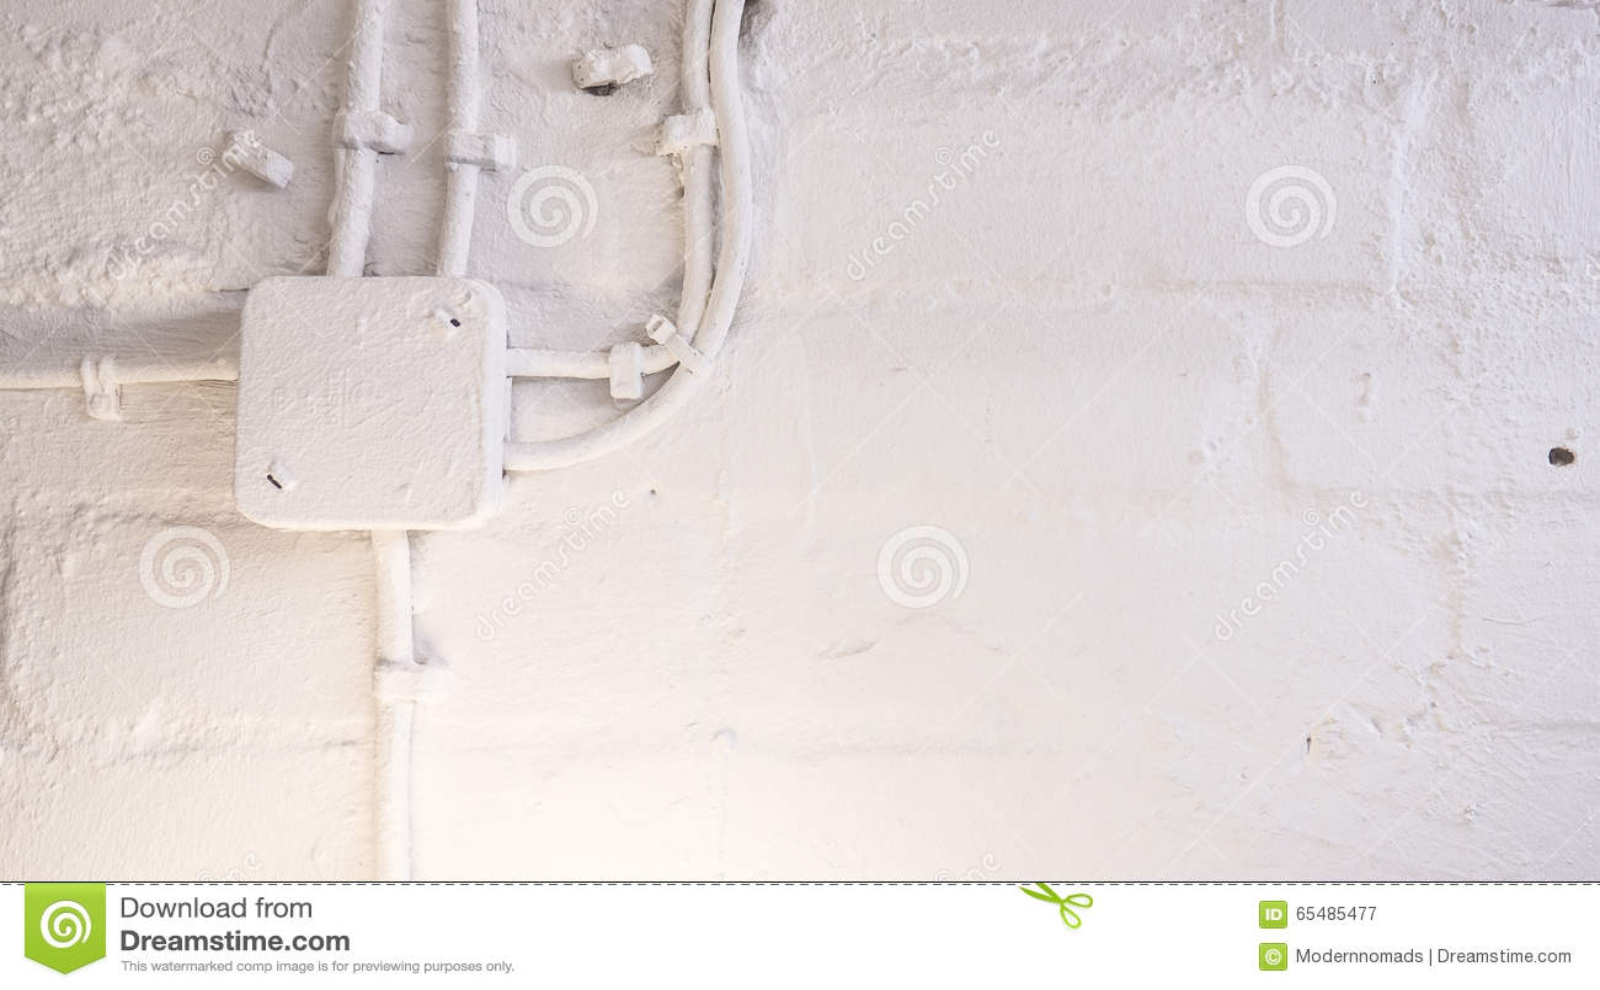 Wand- Und Kabelhintergrund In Einem Keller Stockbild - Bild von ...